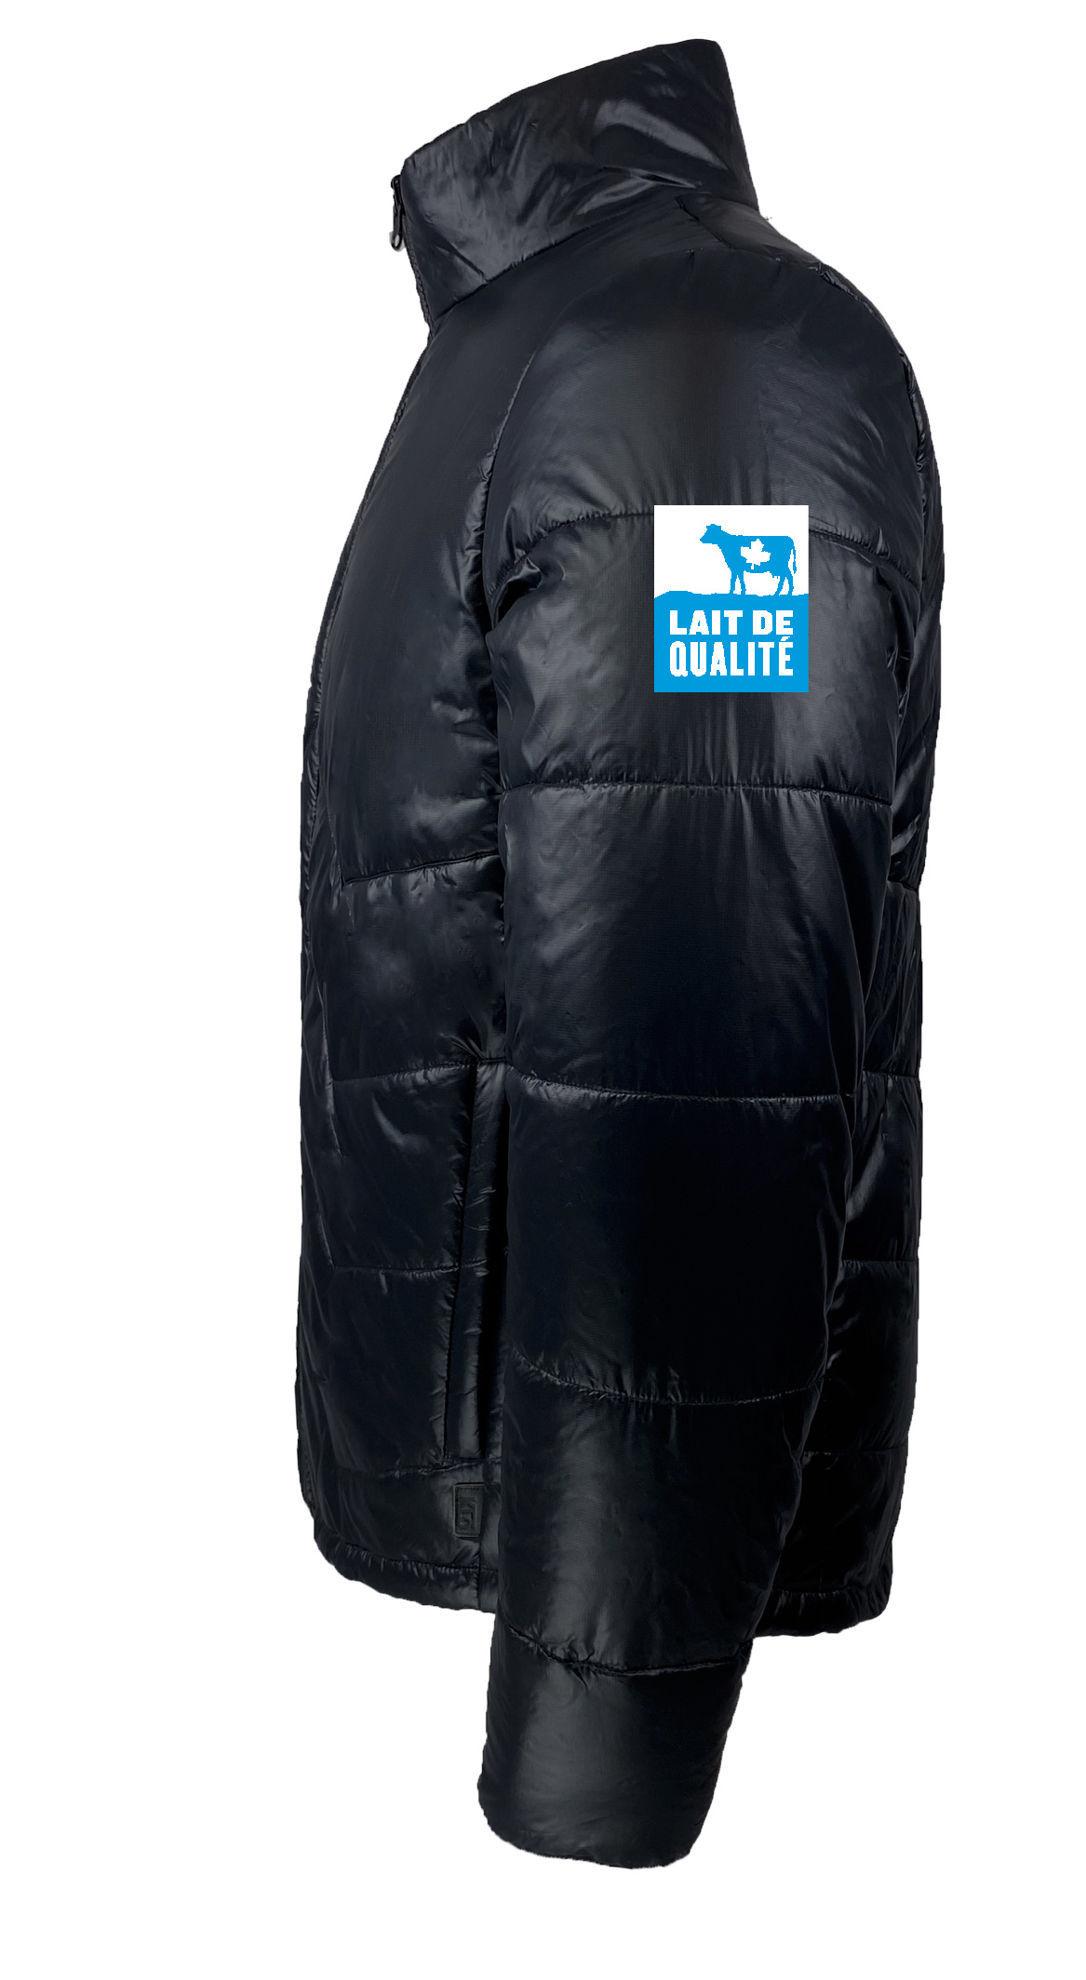 Image de Manteau polyvalent noir pour hommes